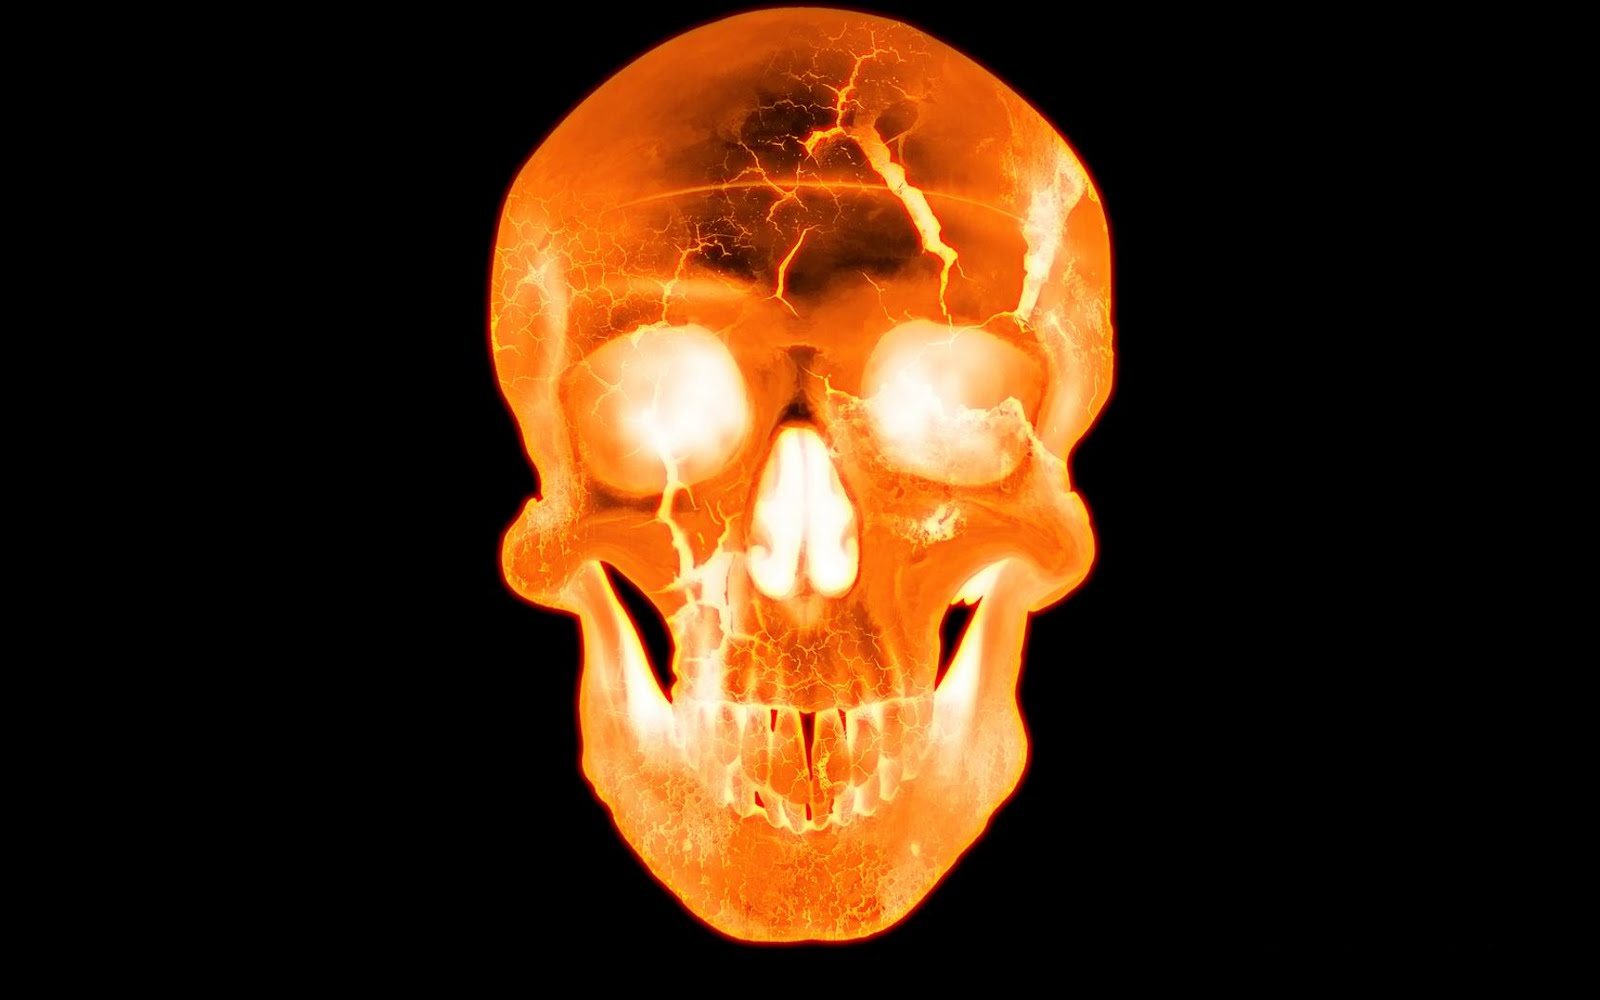 skull gothicwallz gothic skull wallpaper 10120111 red skull wallpaper 1600x1000